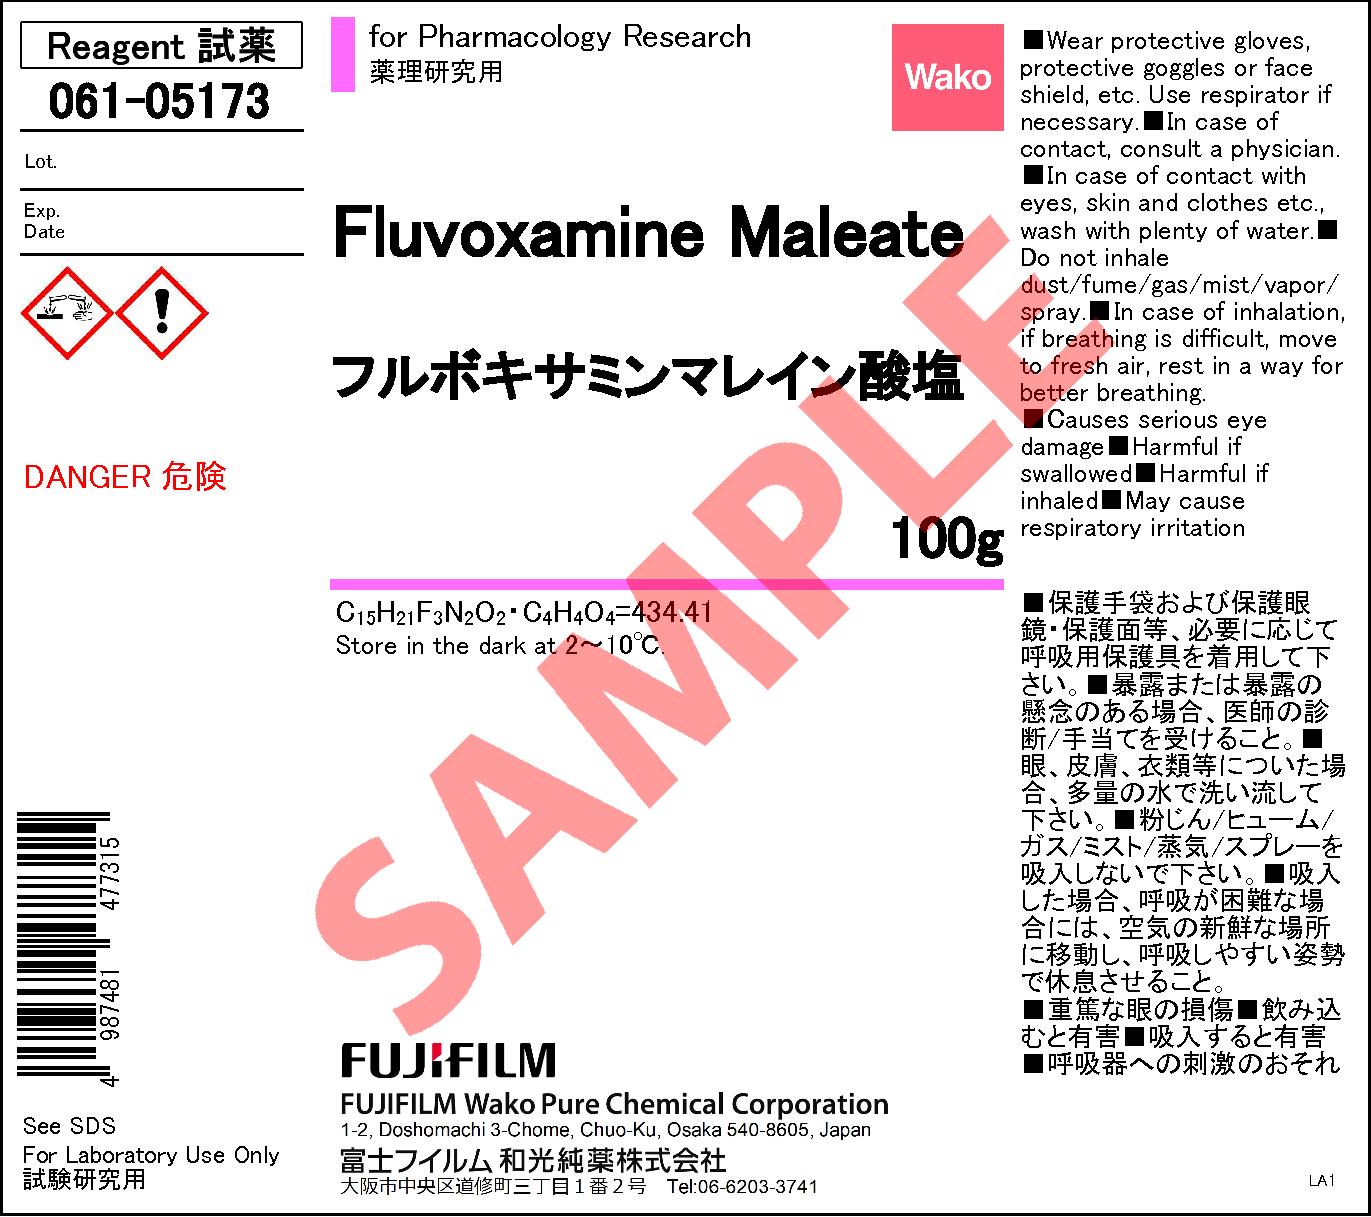 マレイン 酸 塩 フルボキサミン